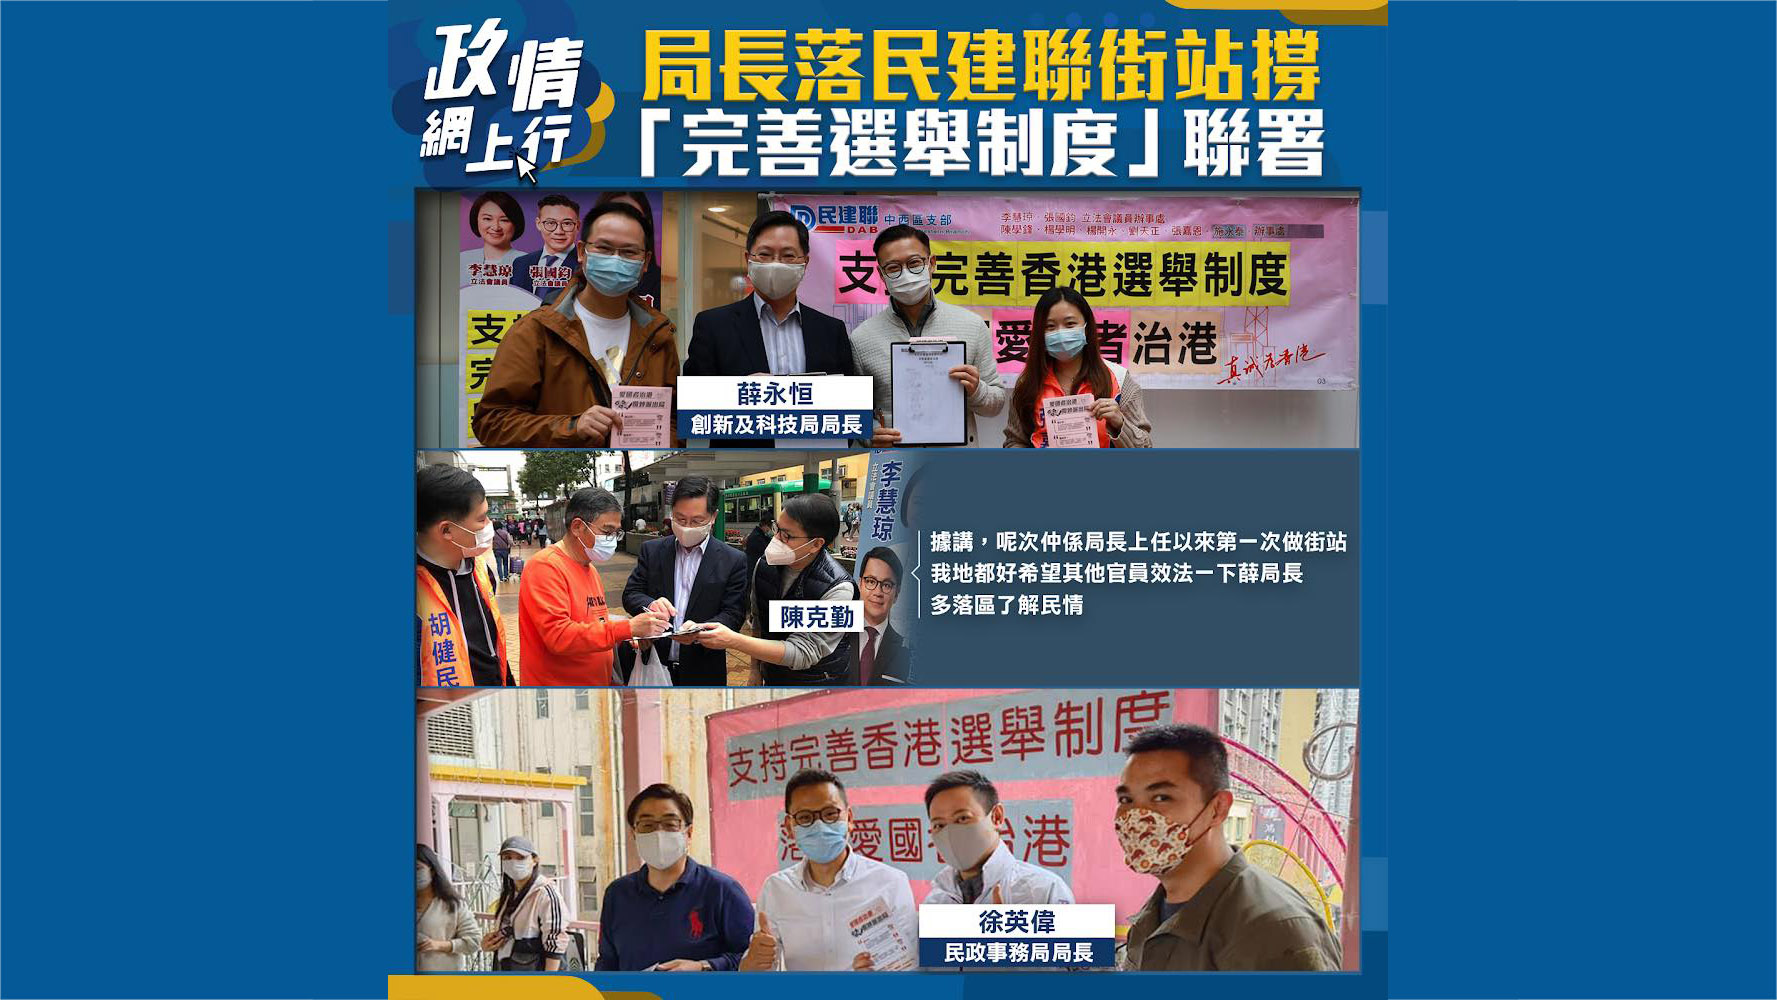 【政情網上行】局長落民建聯街站撐「完善選舉制度」聯署